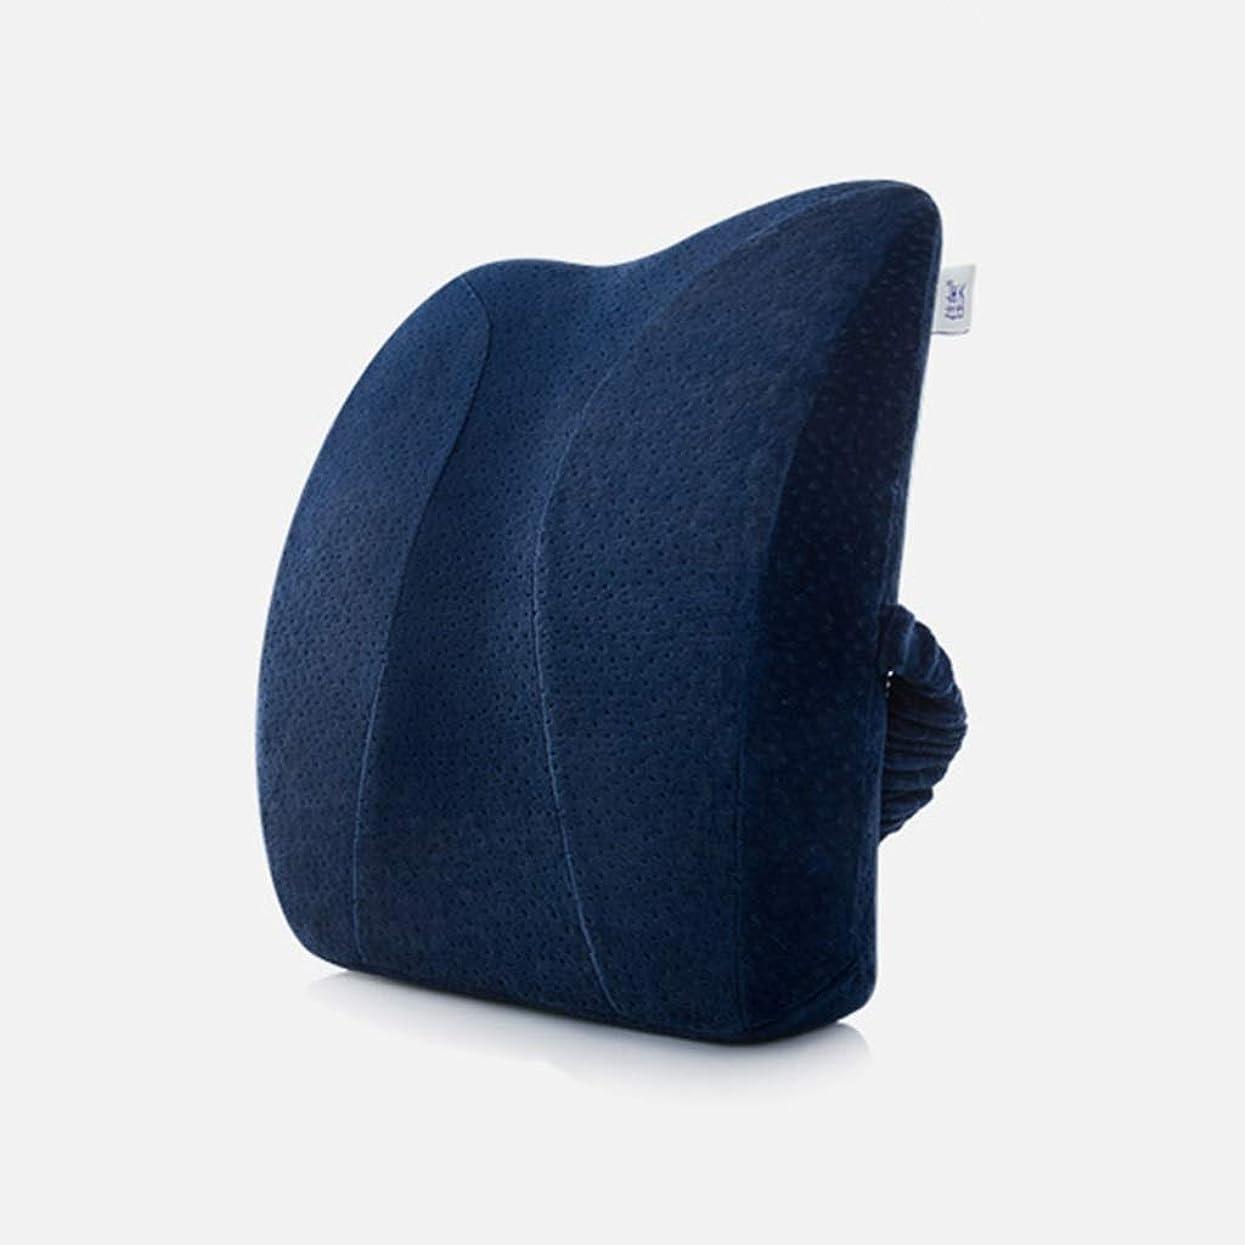 に対処する極端な会話ランバーピローウエストサポートパッドオフィスチェアメモリーコットンウエストサポートパッドピロー妊娠中の女性シートウエストカーランバーピロー (Color : Navy, Size : 42*35*8cm)